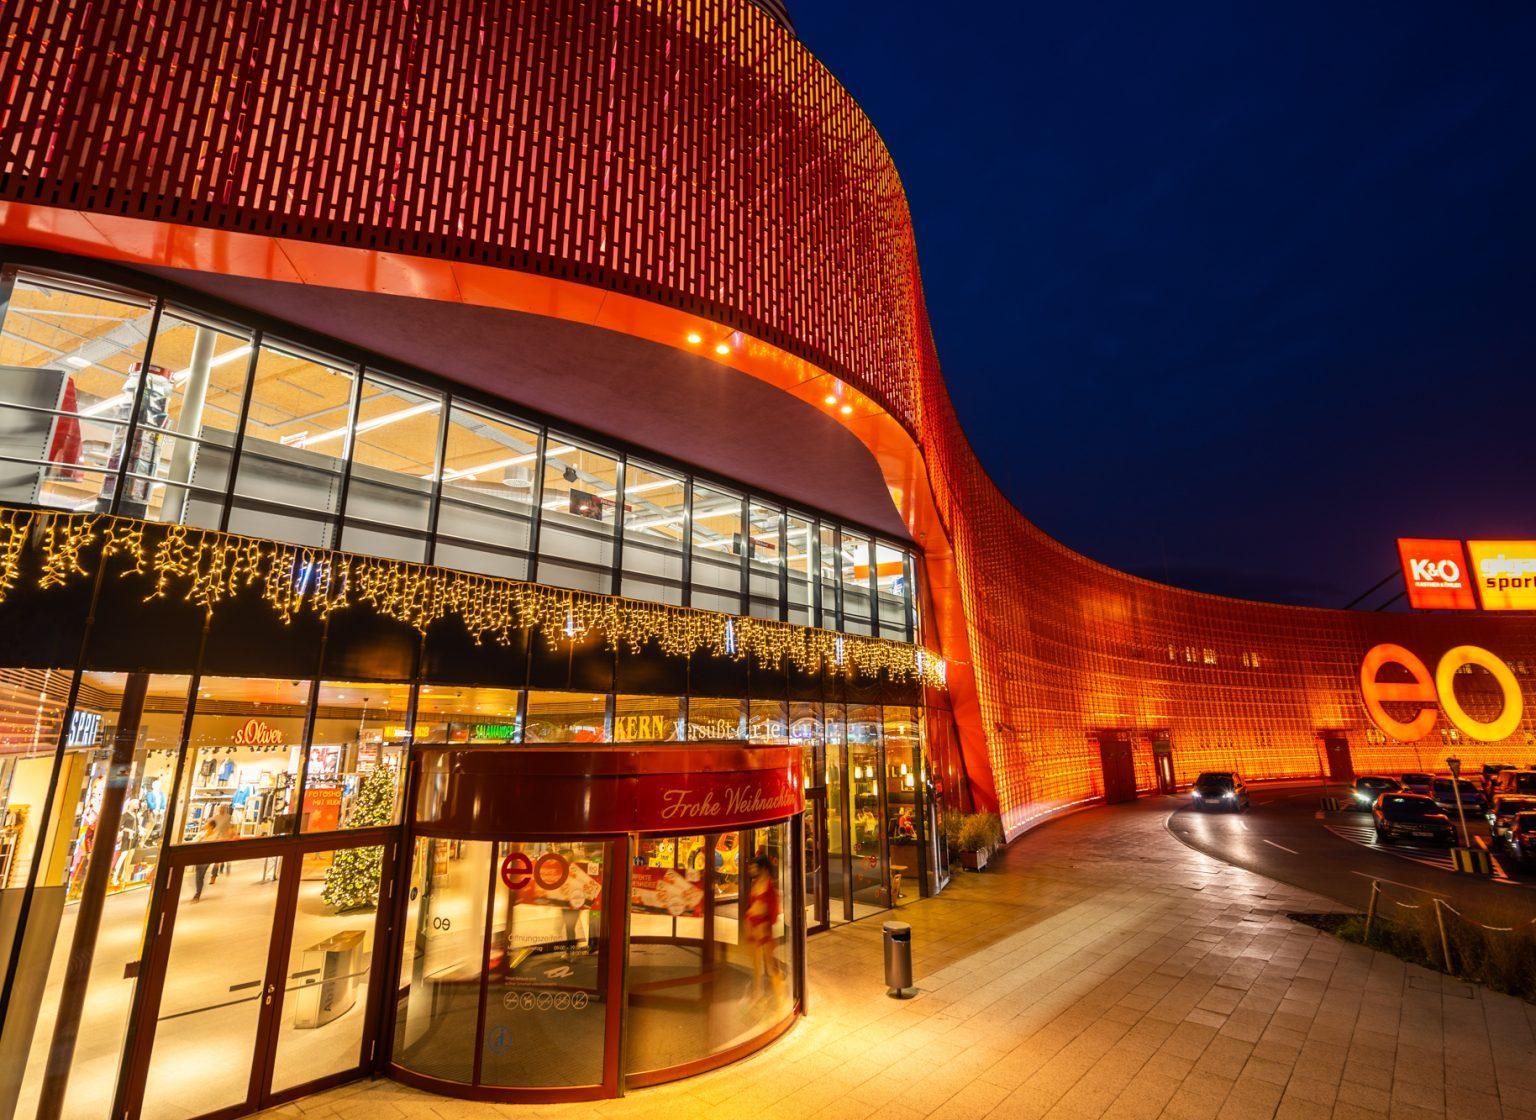 Außenbeleuchtung des eo Einkaufszentrum Oberwart, Österreich